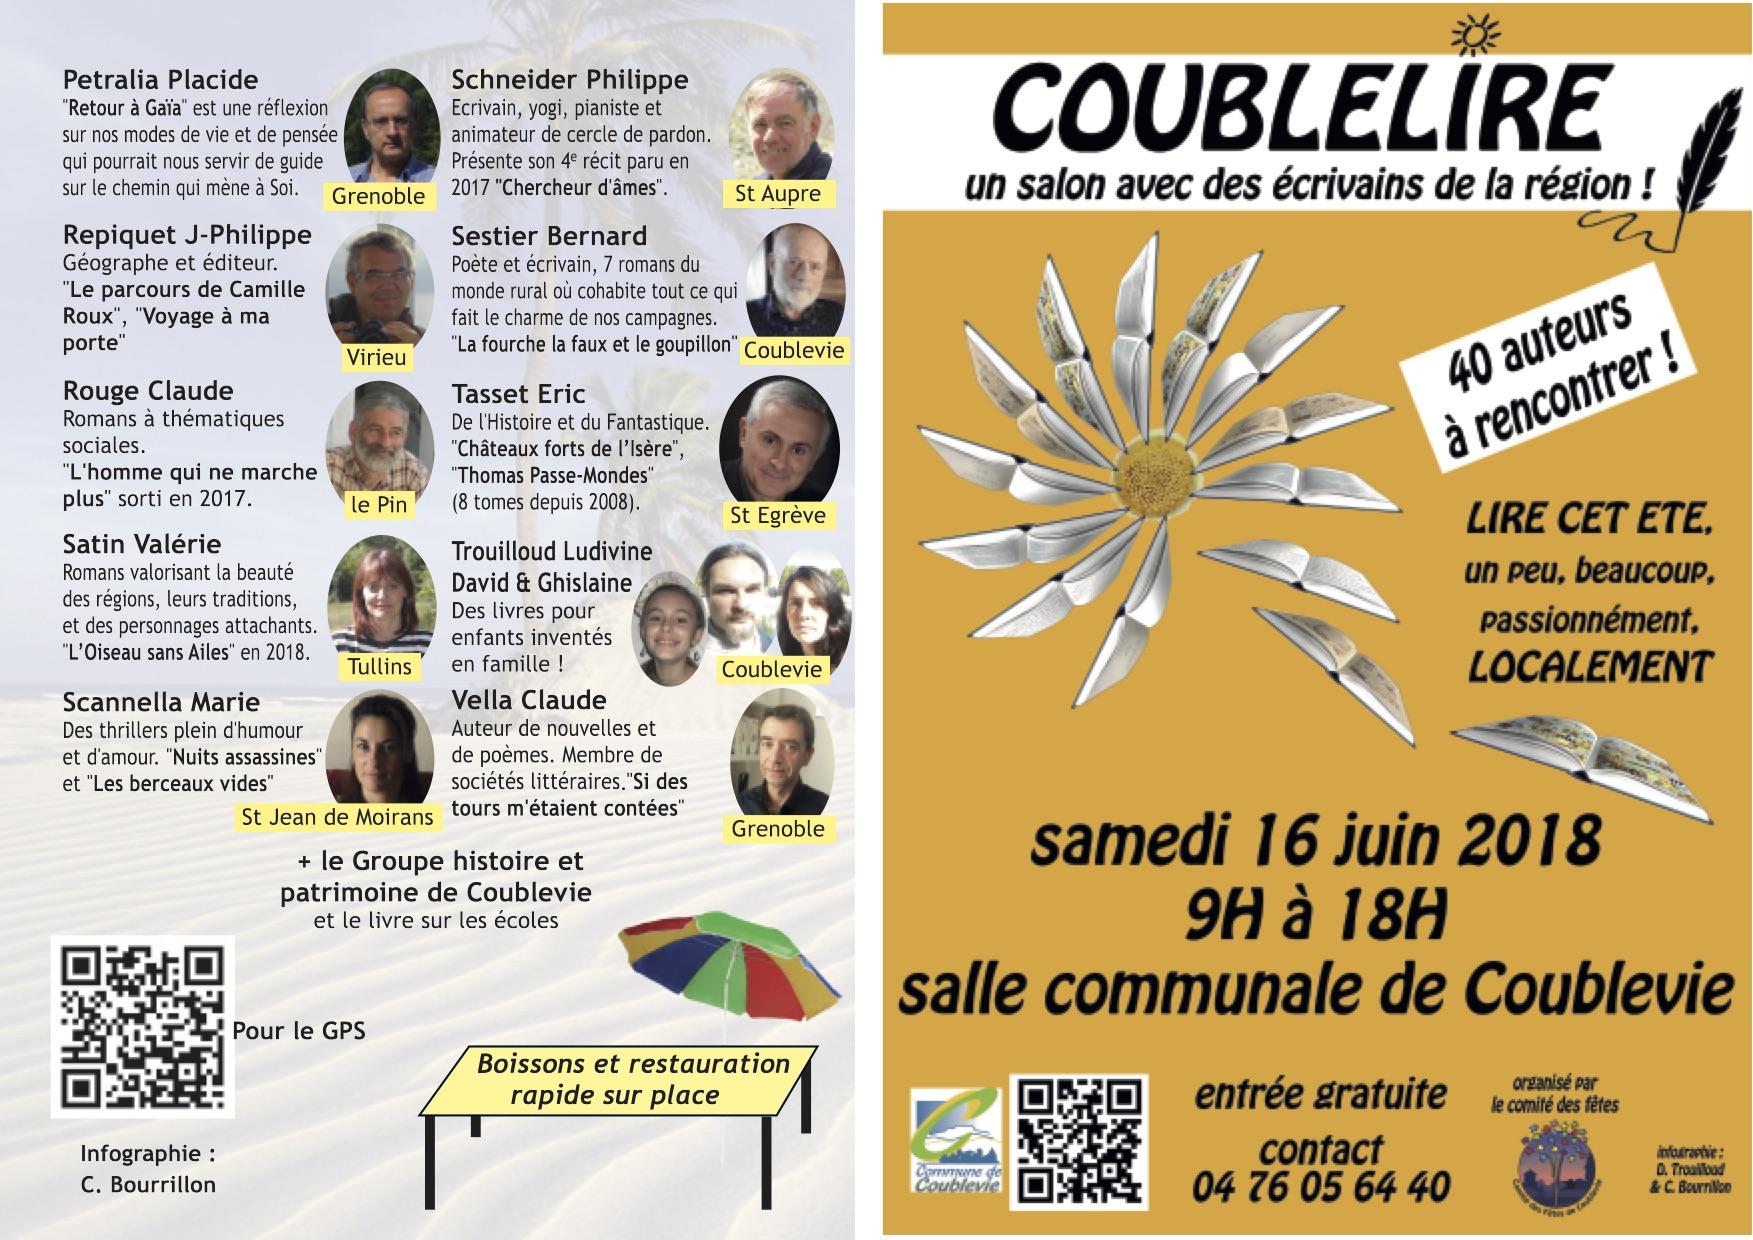 Coublelire-2018-2